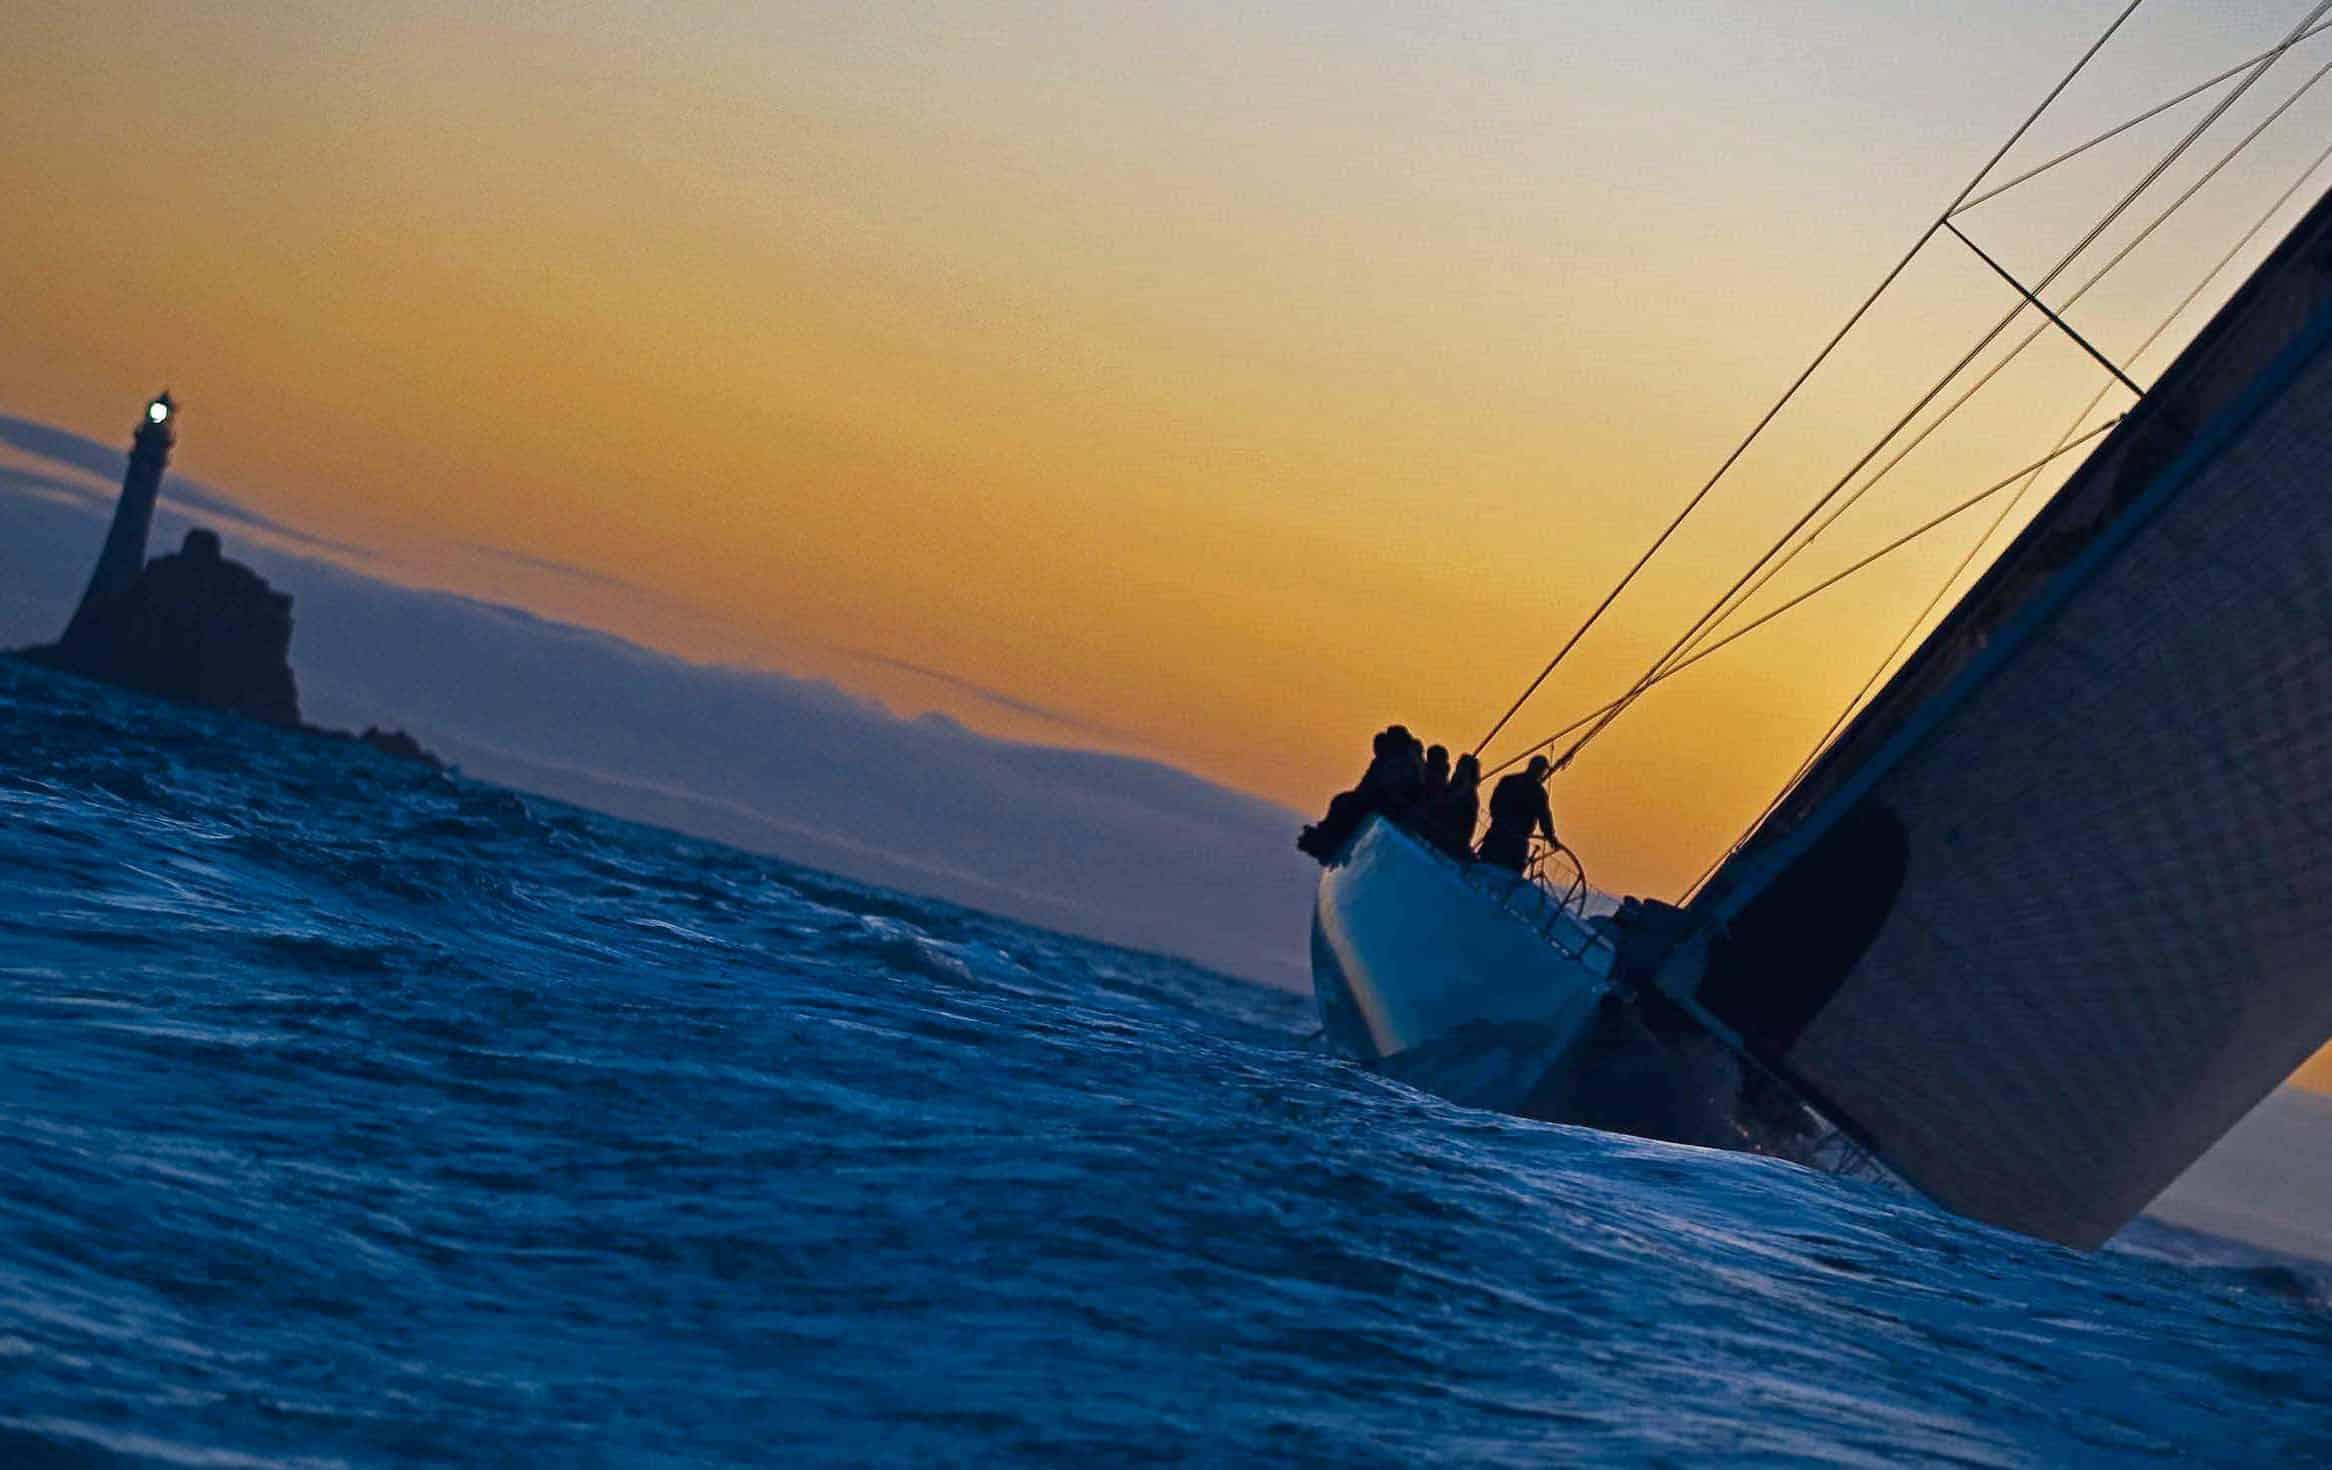 Una regata mozzafiato: perché andare a Cowes vale il viaggio fastnet race